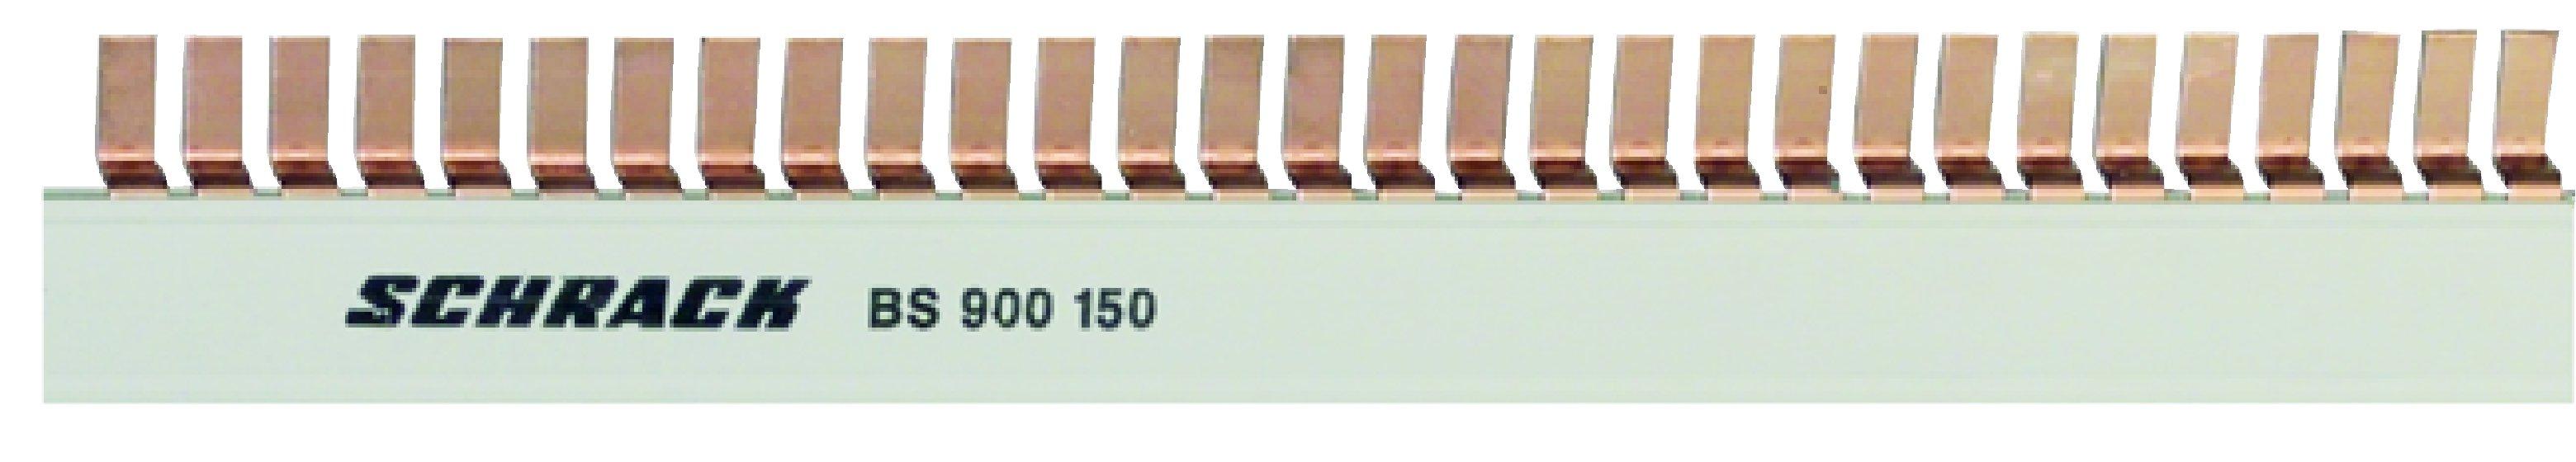 1 Stk Stiftversch. L1,L2,L3, Stiftbreite 6mm, 16mm² TE=9mm, 1m BS990150--